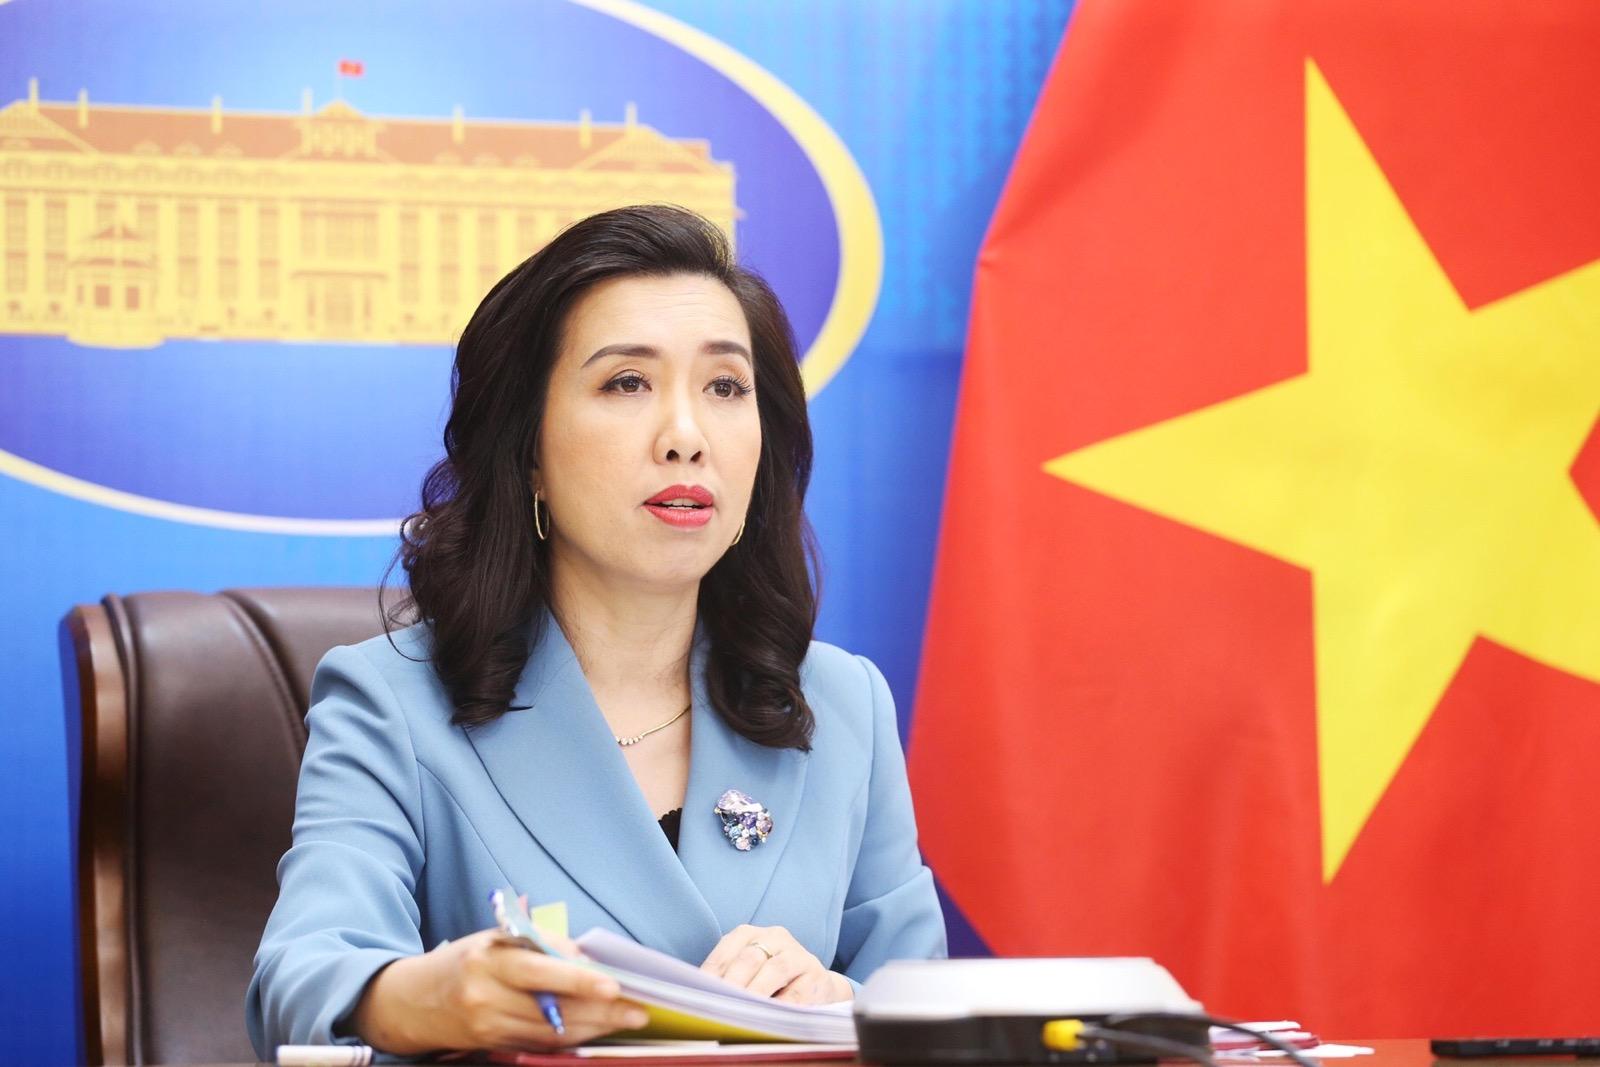 Hoan nghênh Mỹ không áp dụng biện pháp điều chỉnh thương mại với Việt Nam - Ảnh 1.